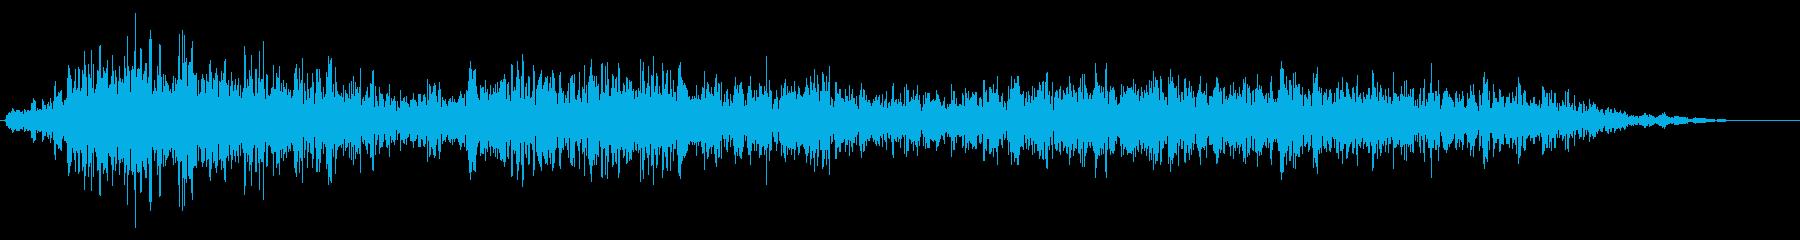 遠くから響く巨大な爆発音#3の再生済みの波形